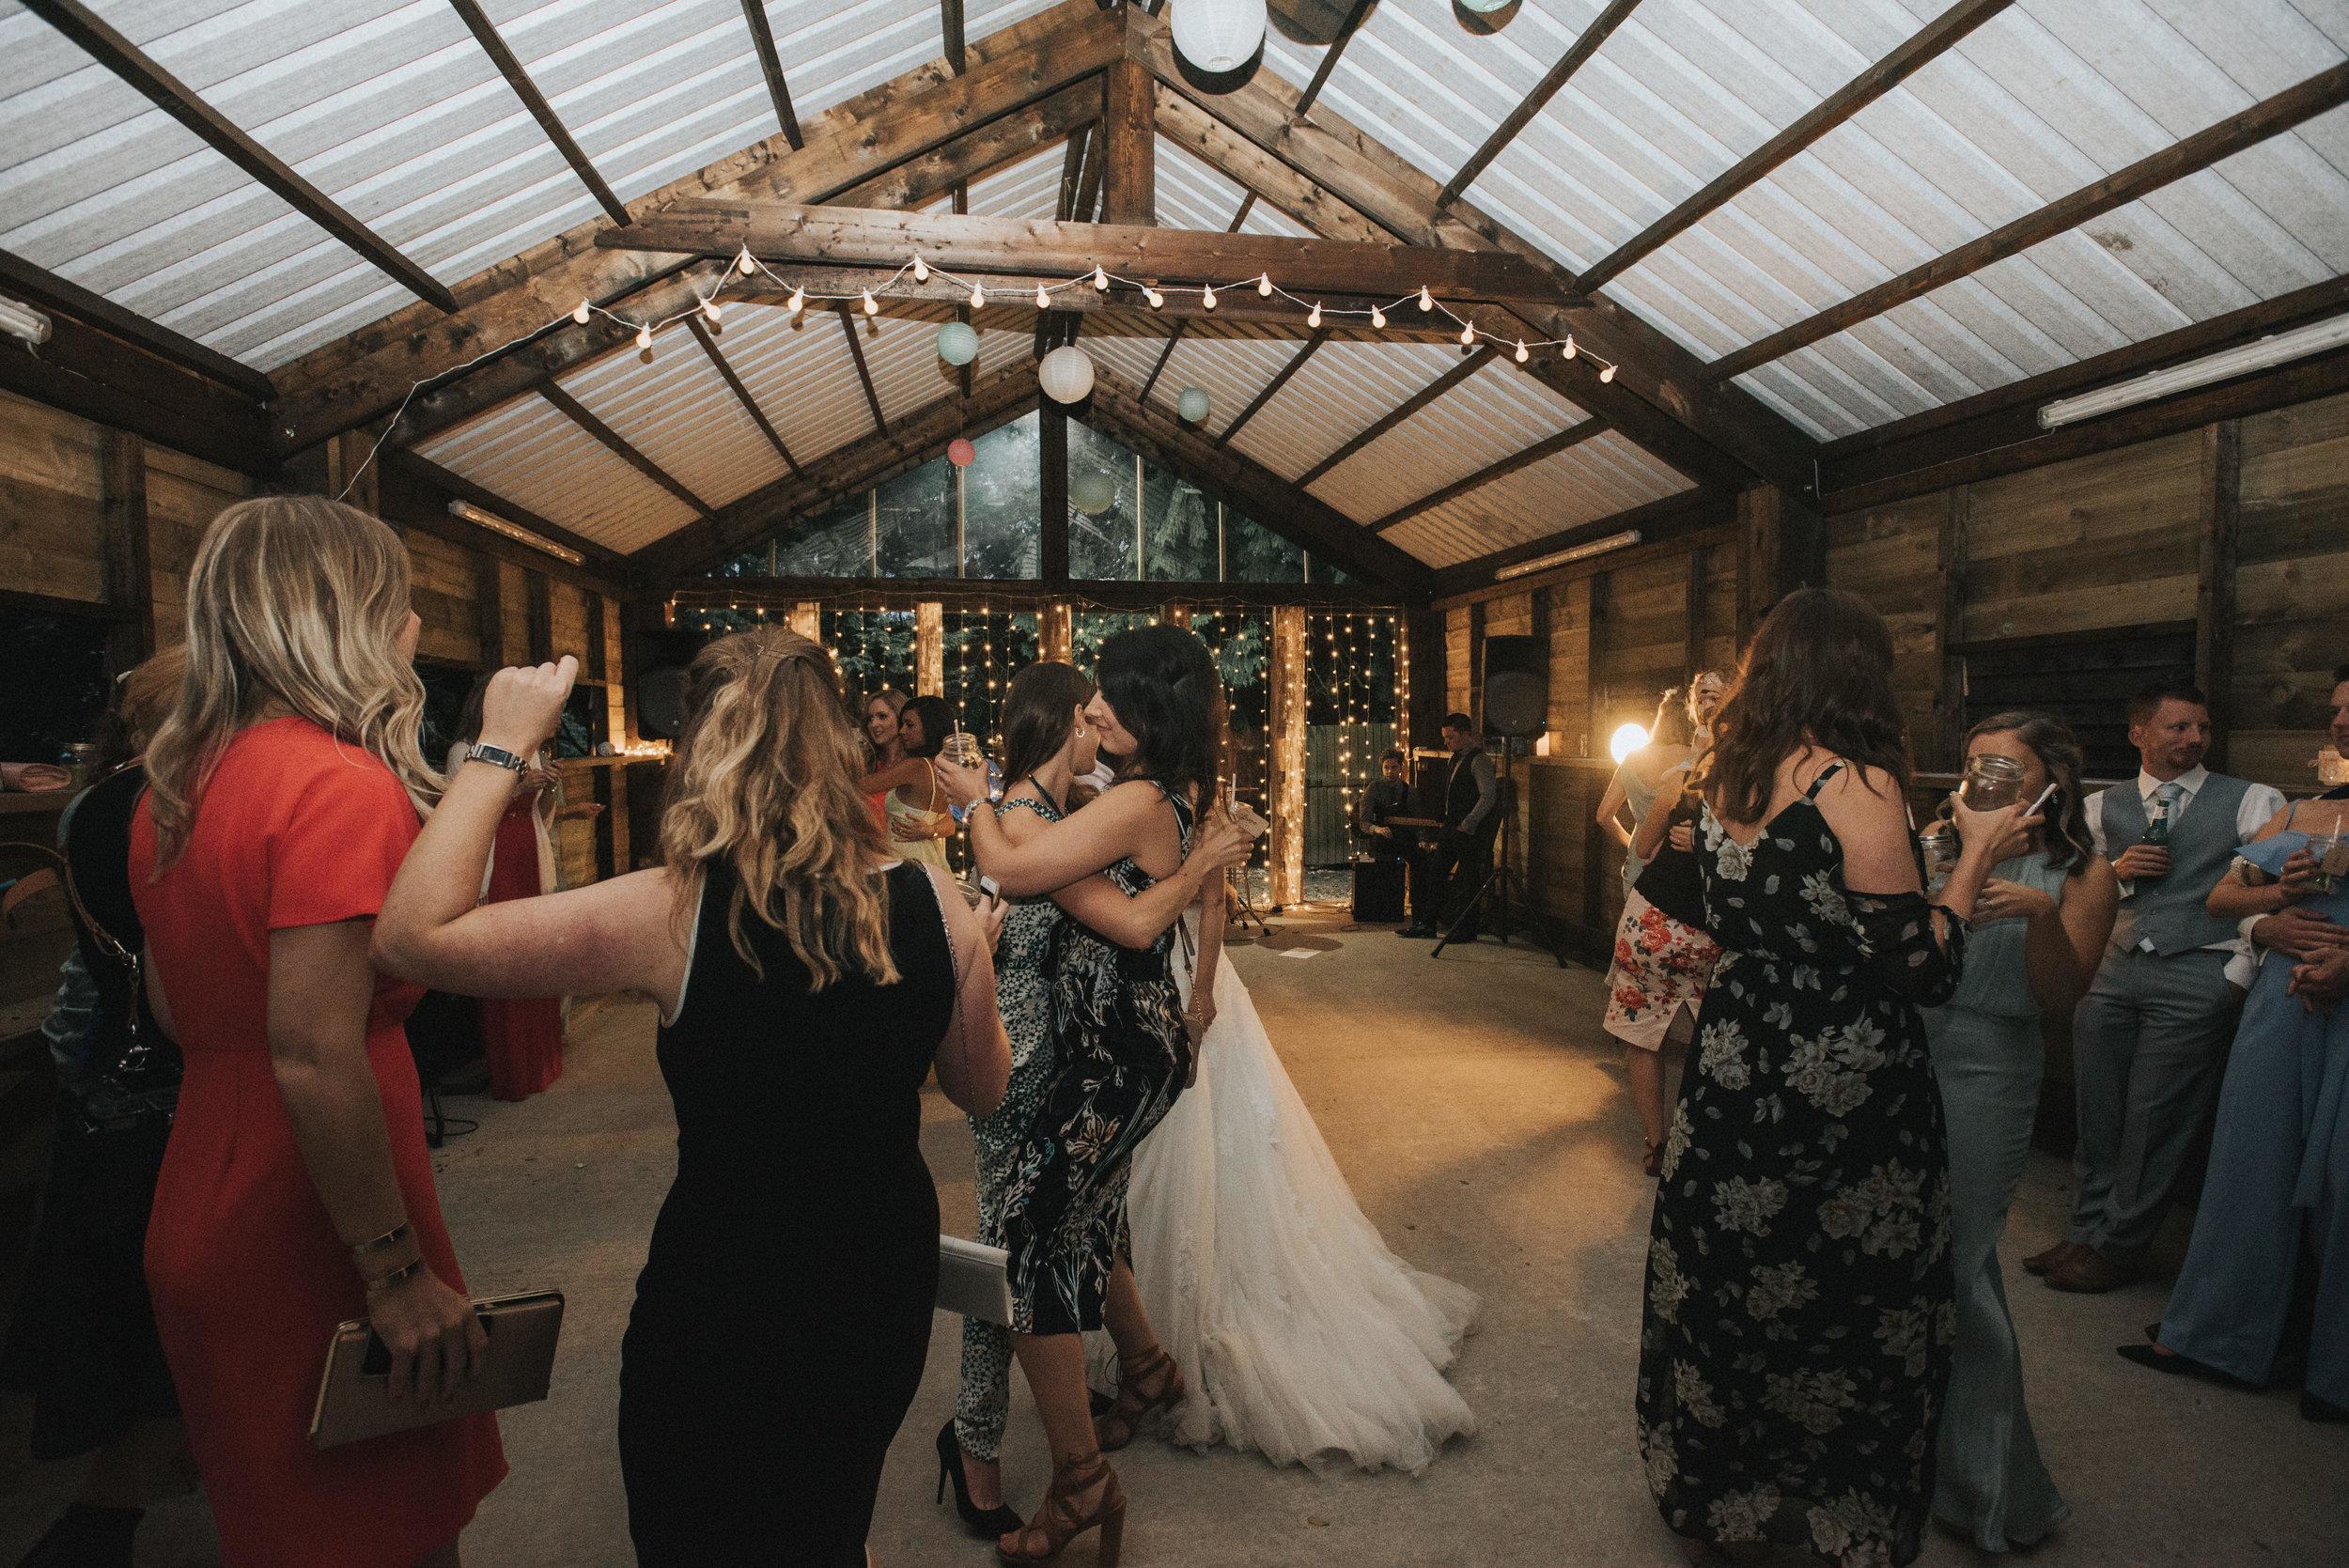 festival-farm-wedding-171.jpg